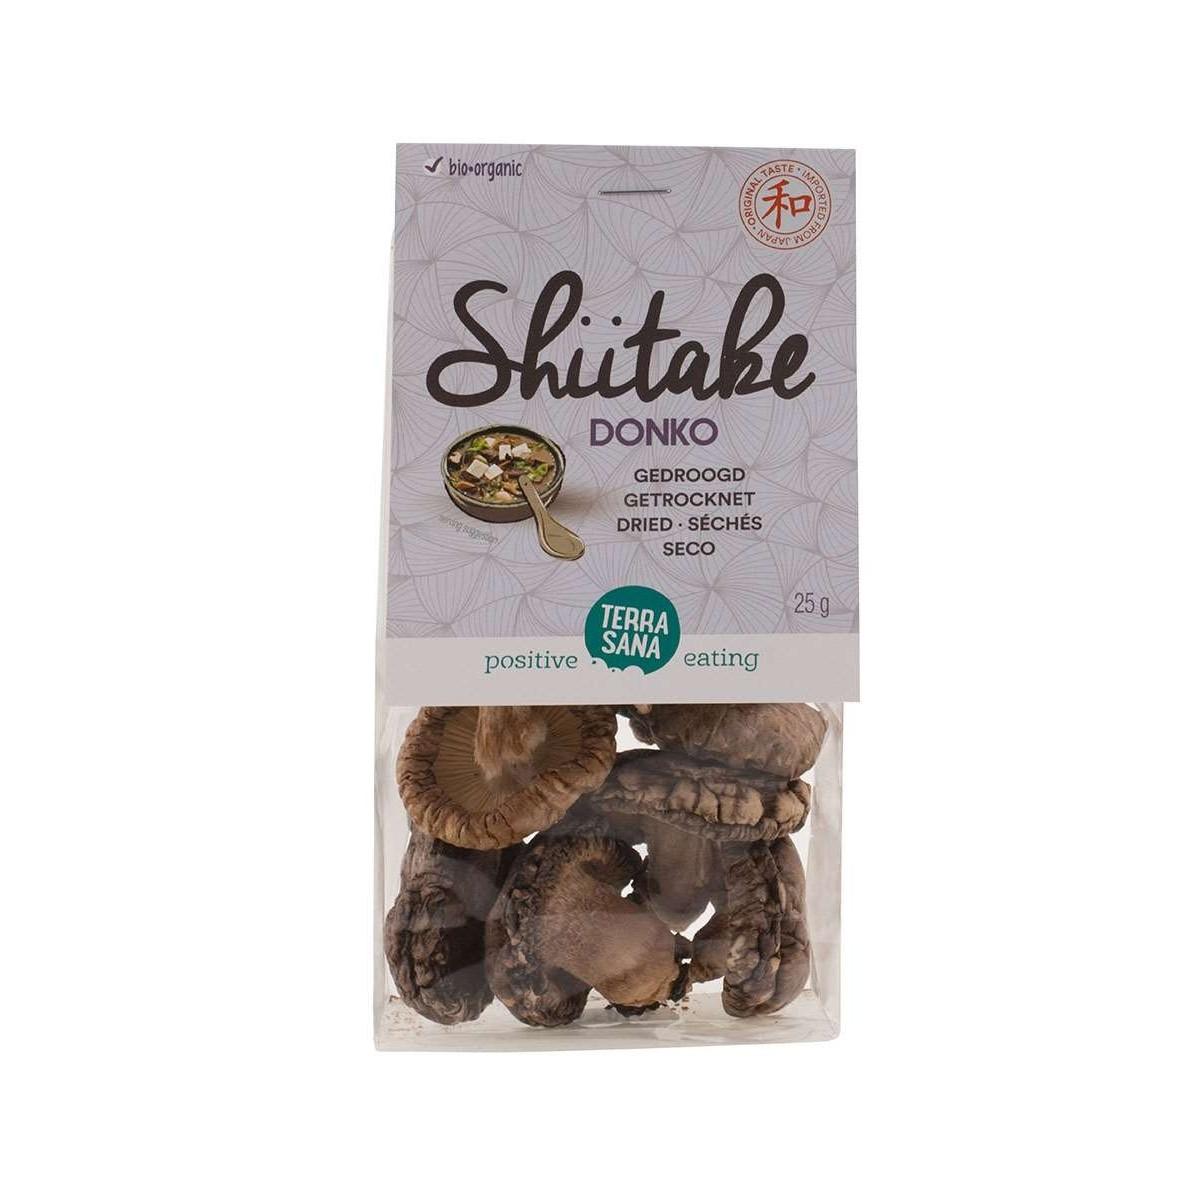 Shiitake Donko